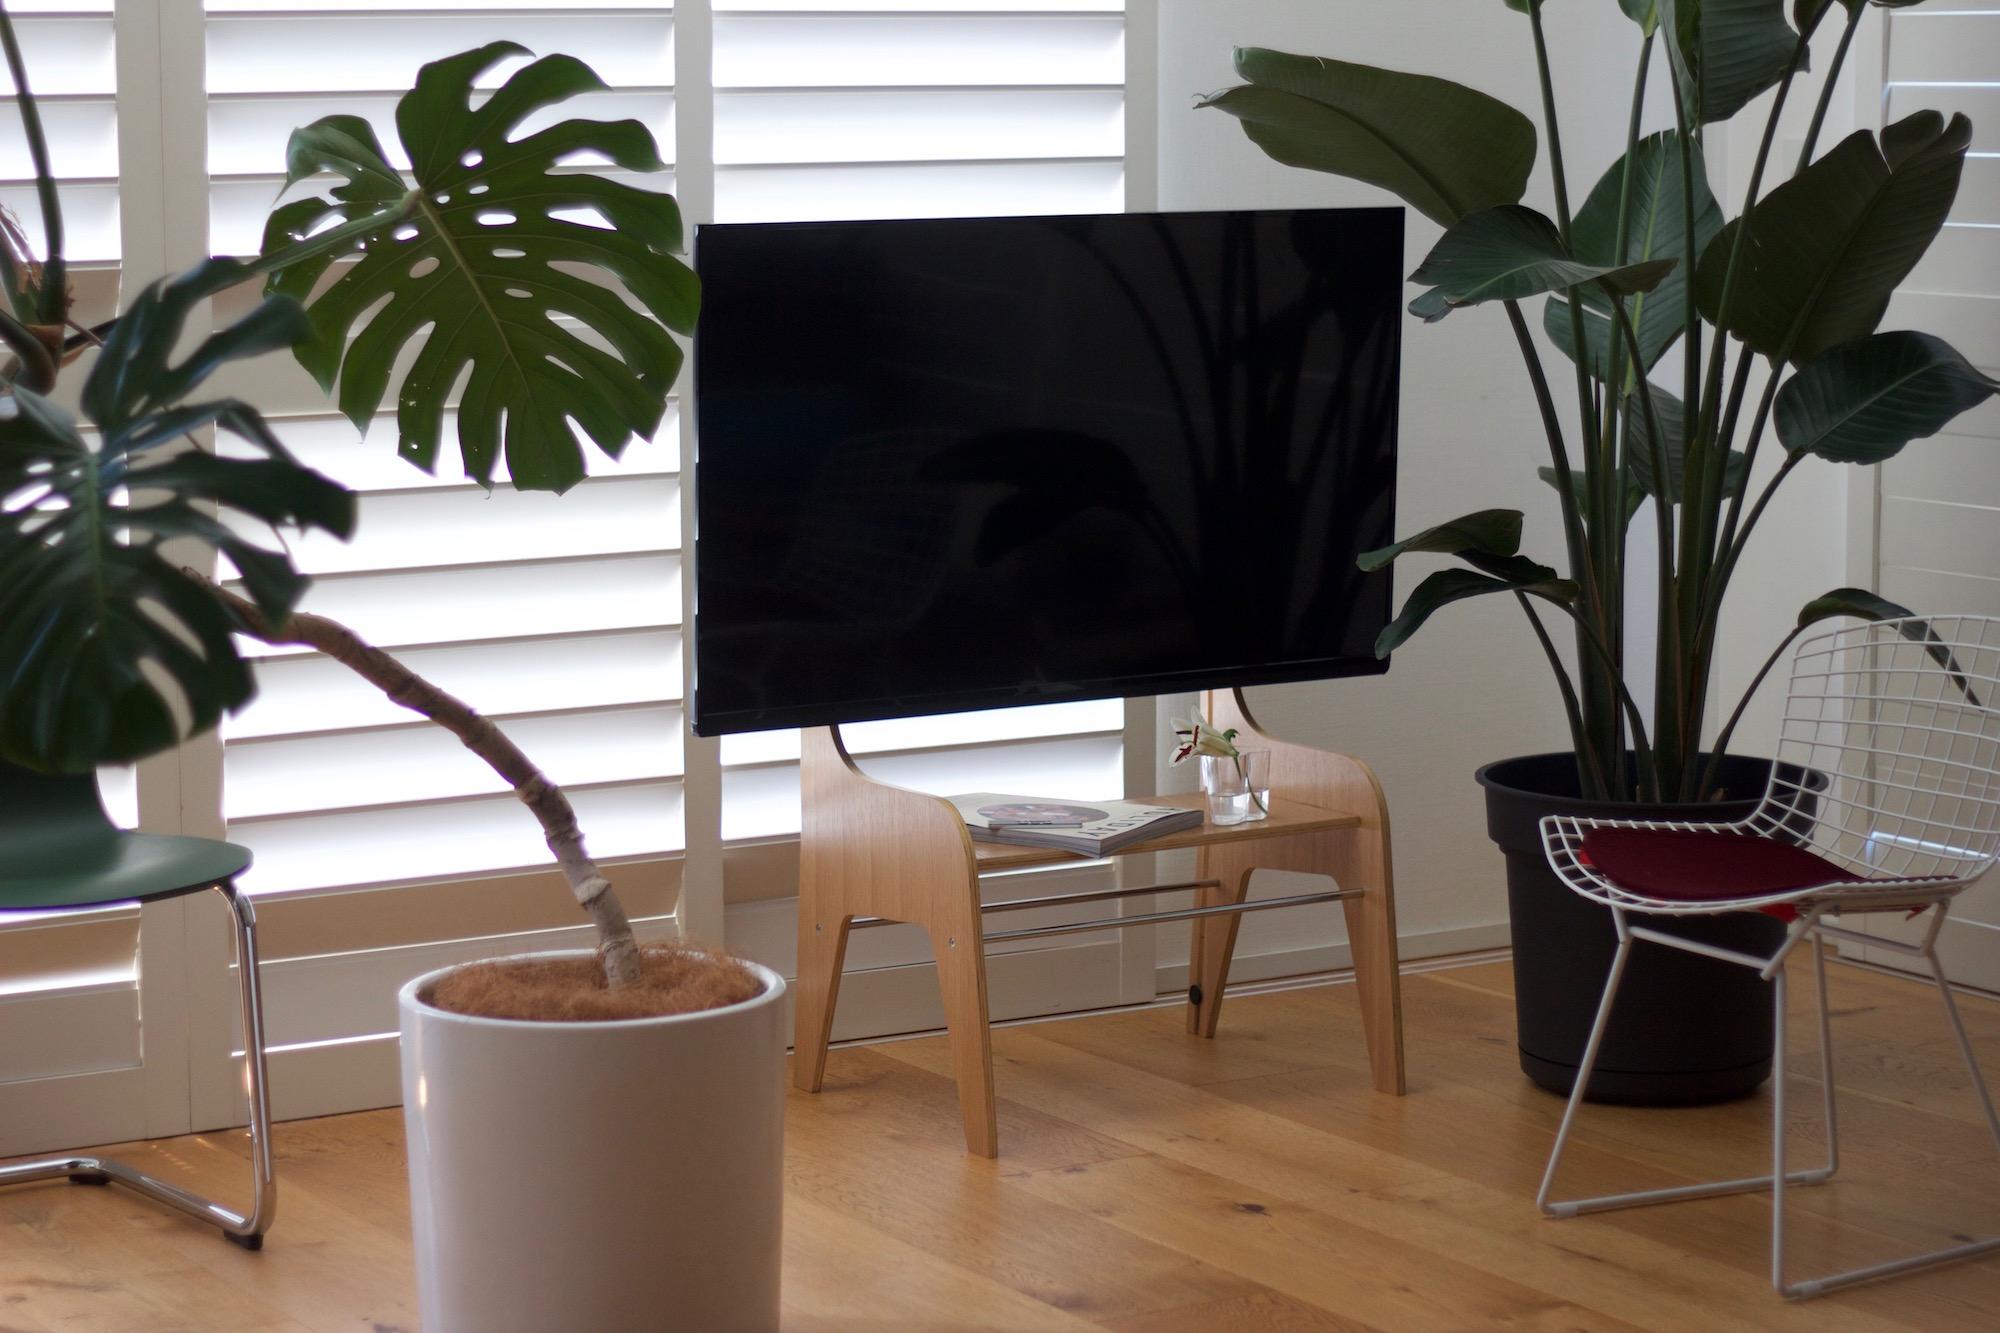 Floor Stand Wood modern midcentury deisgn TV stand